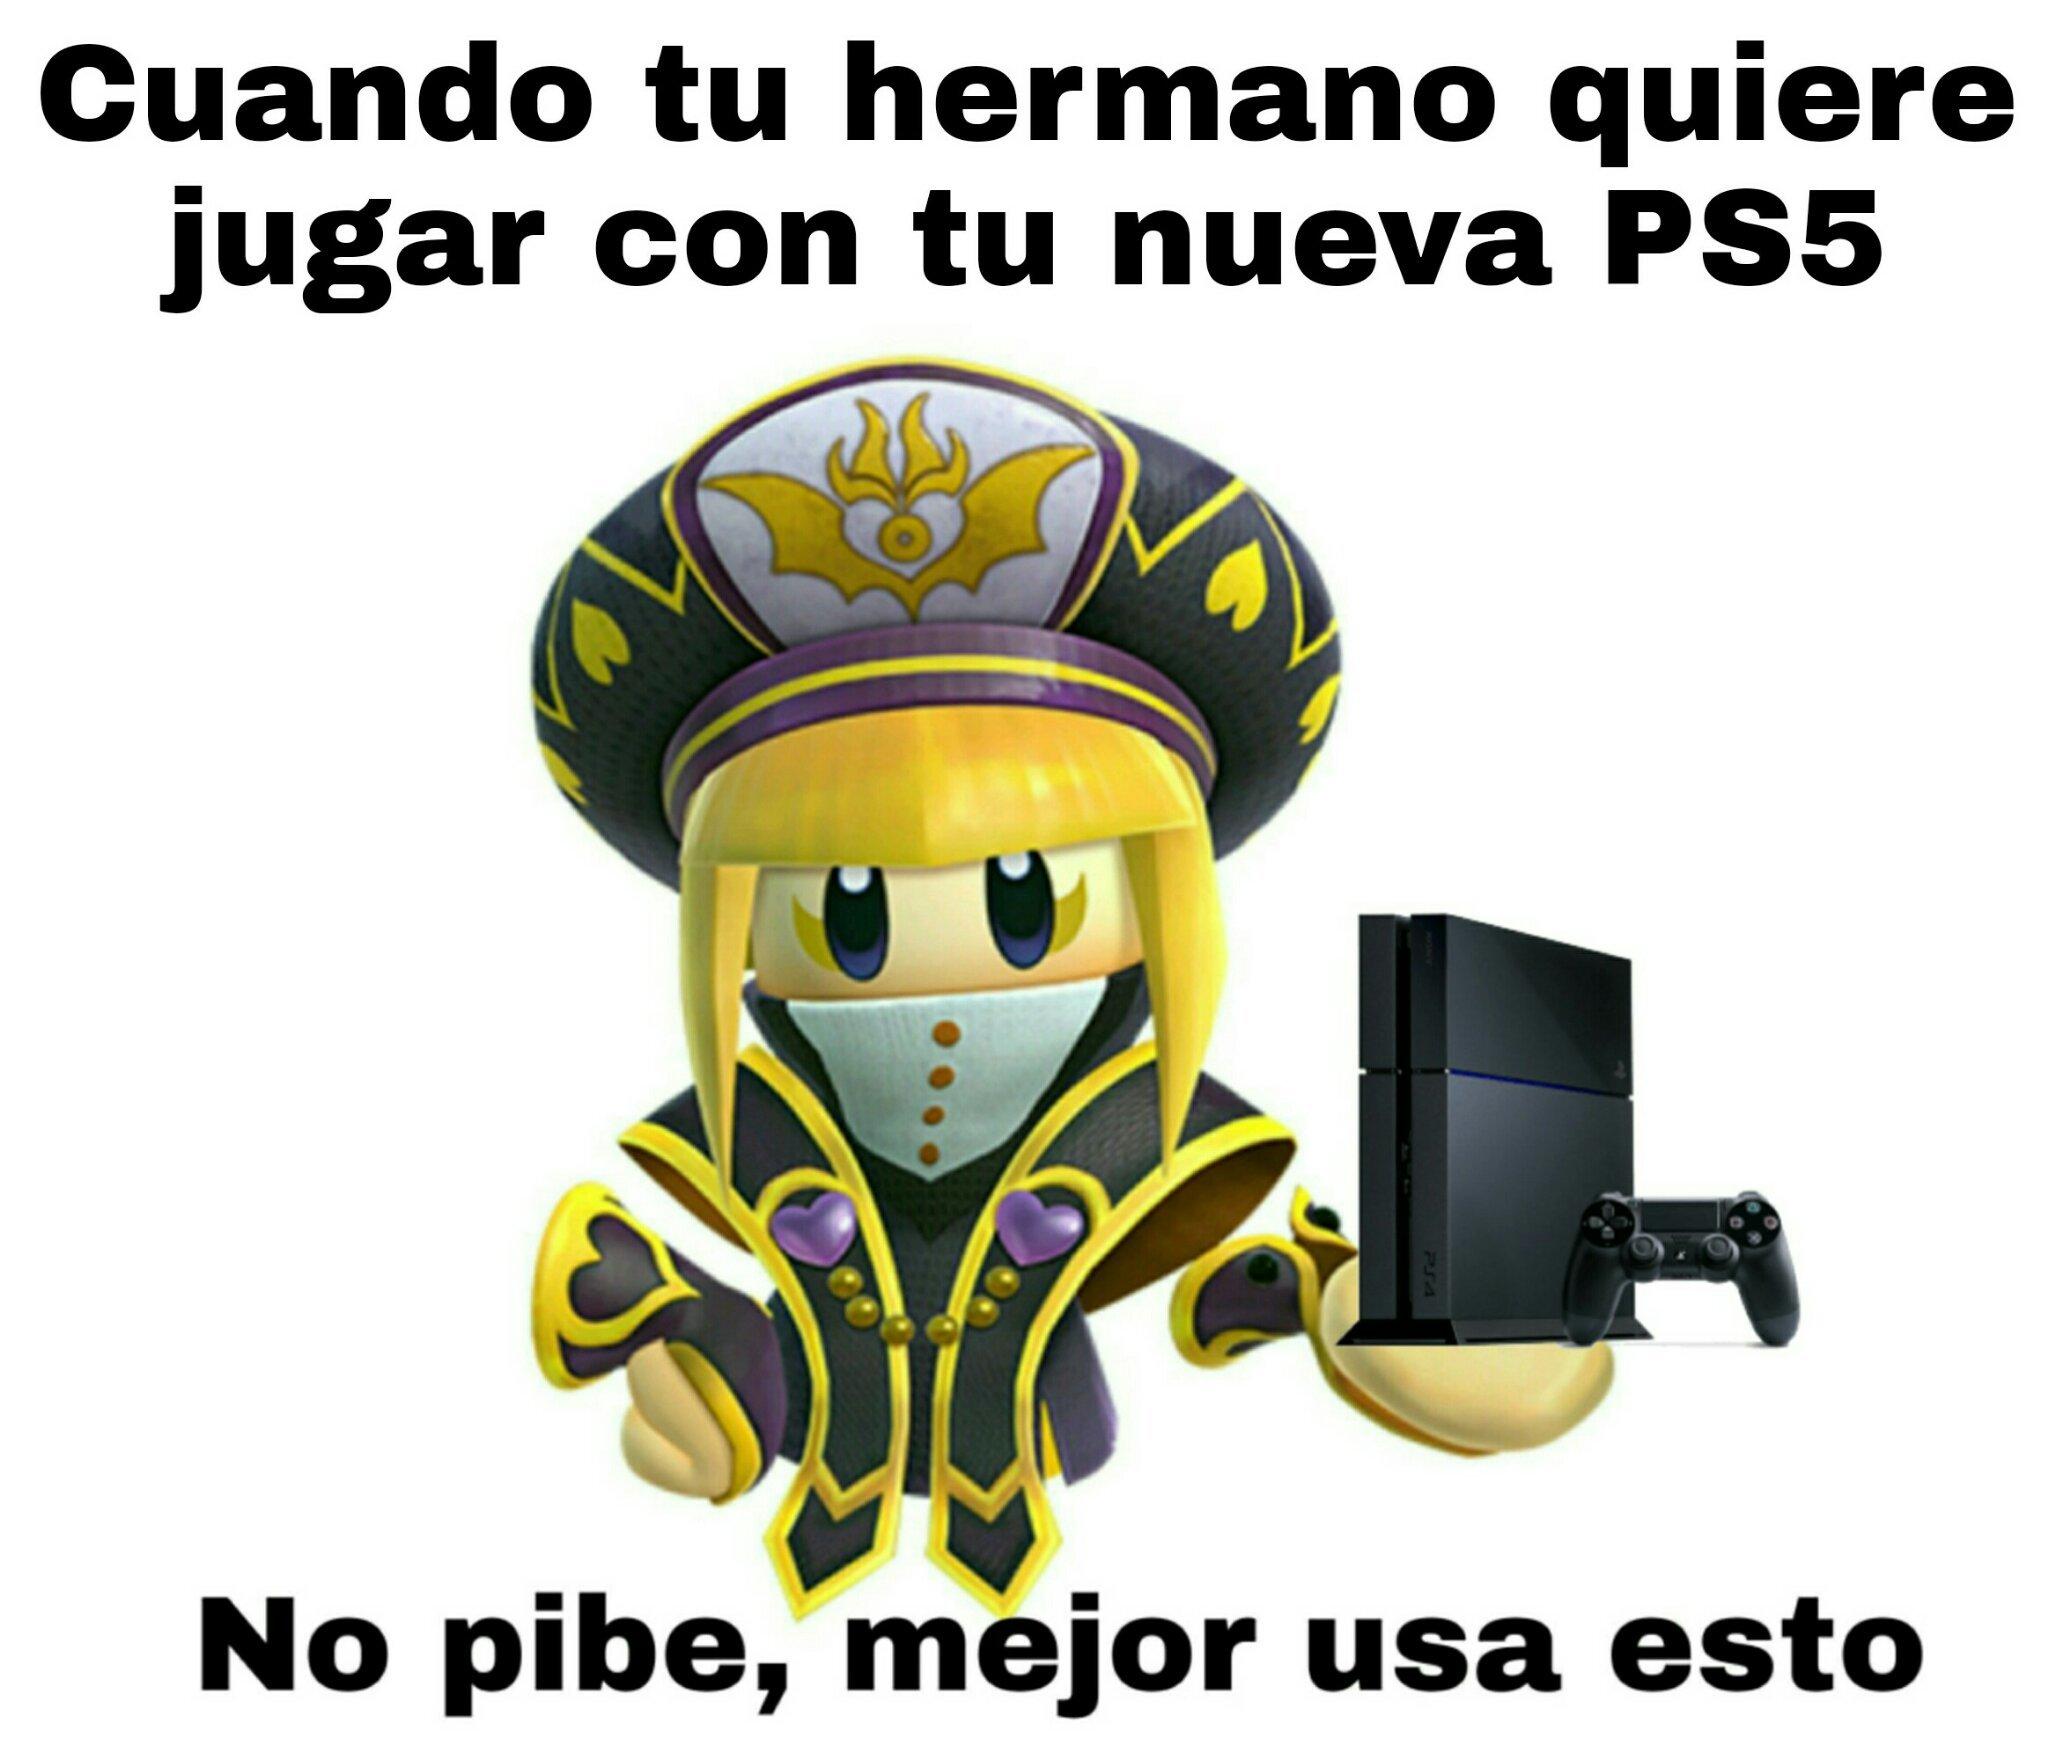 La PS5 es sagrada - meme